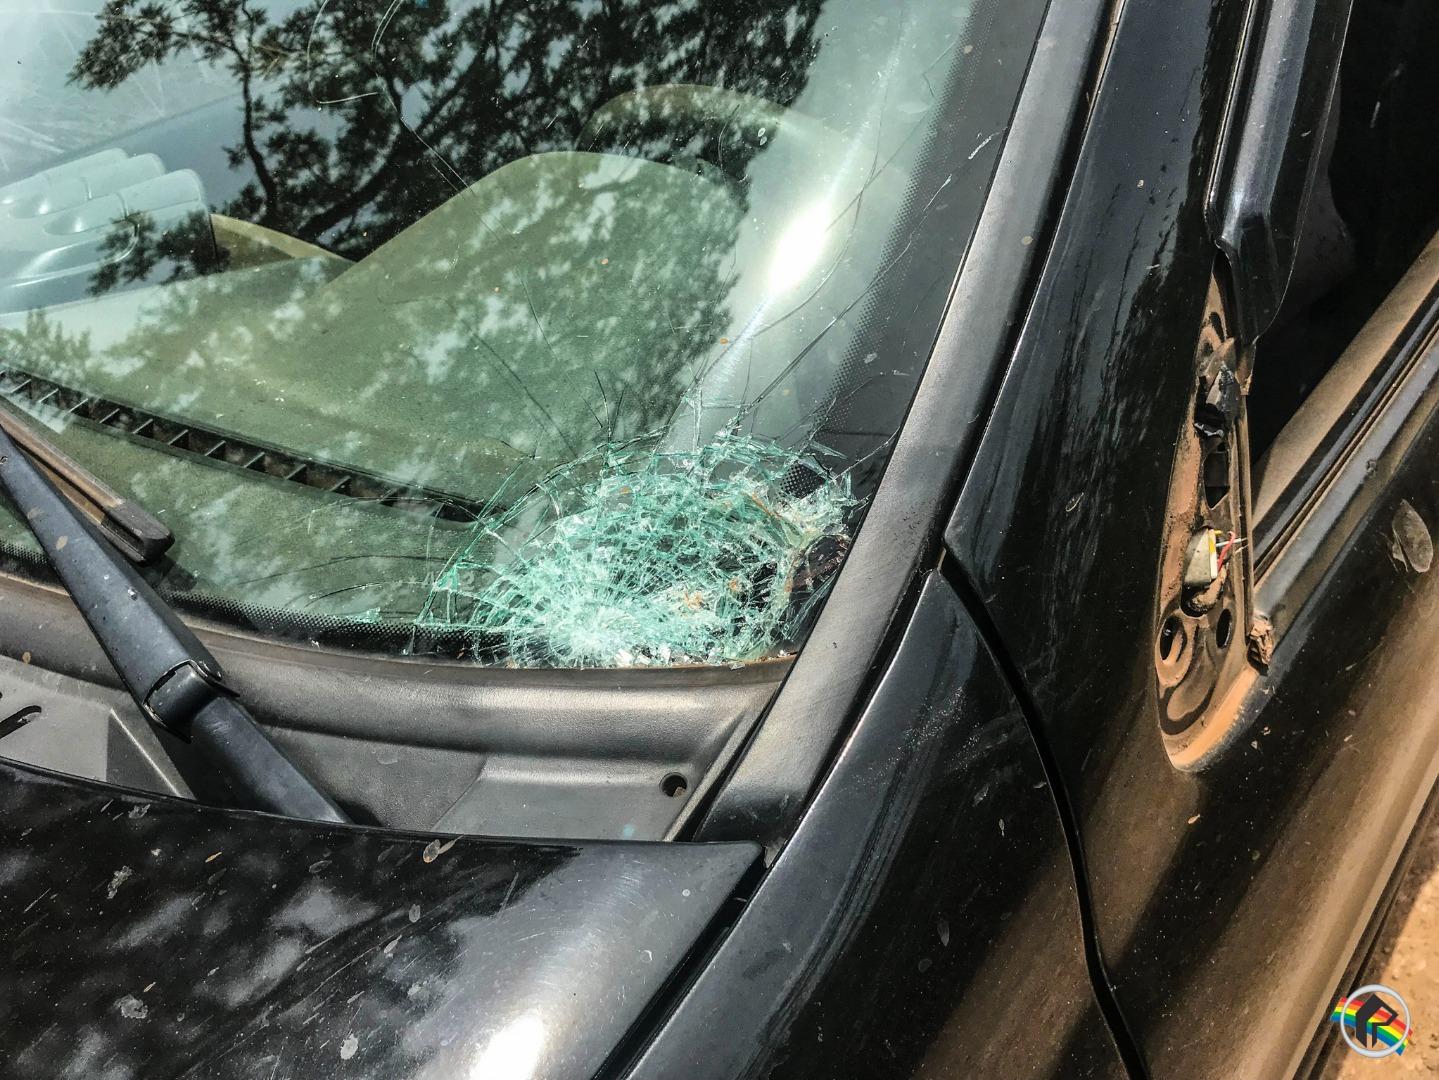 Acidente deixa casal ferido no interior de Bandeirante